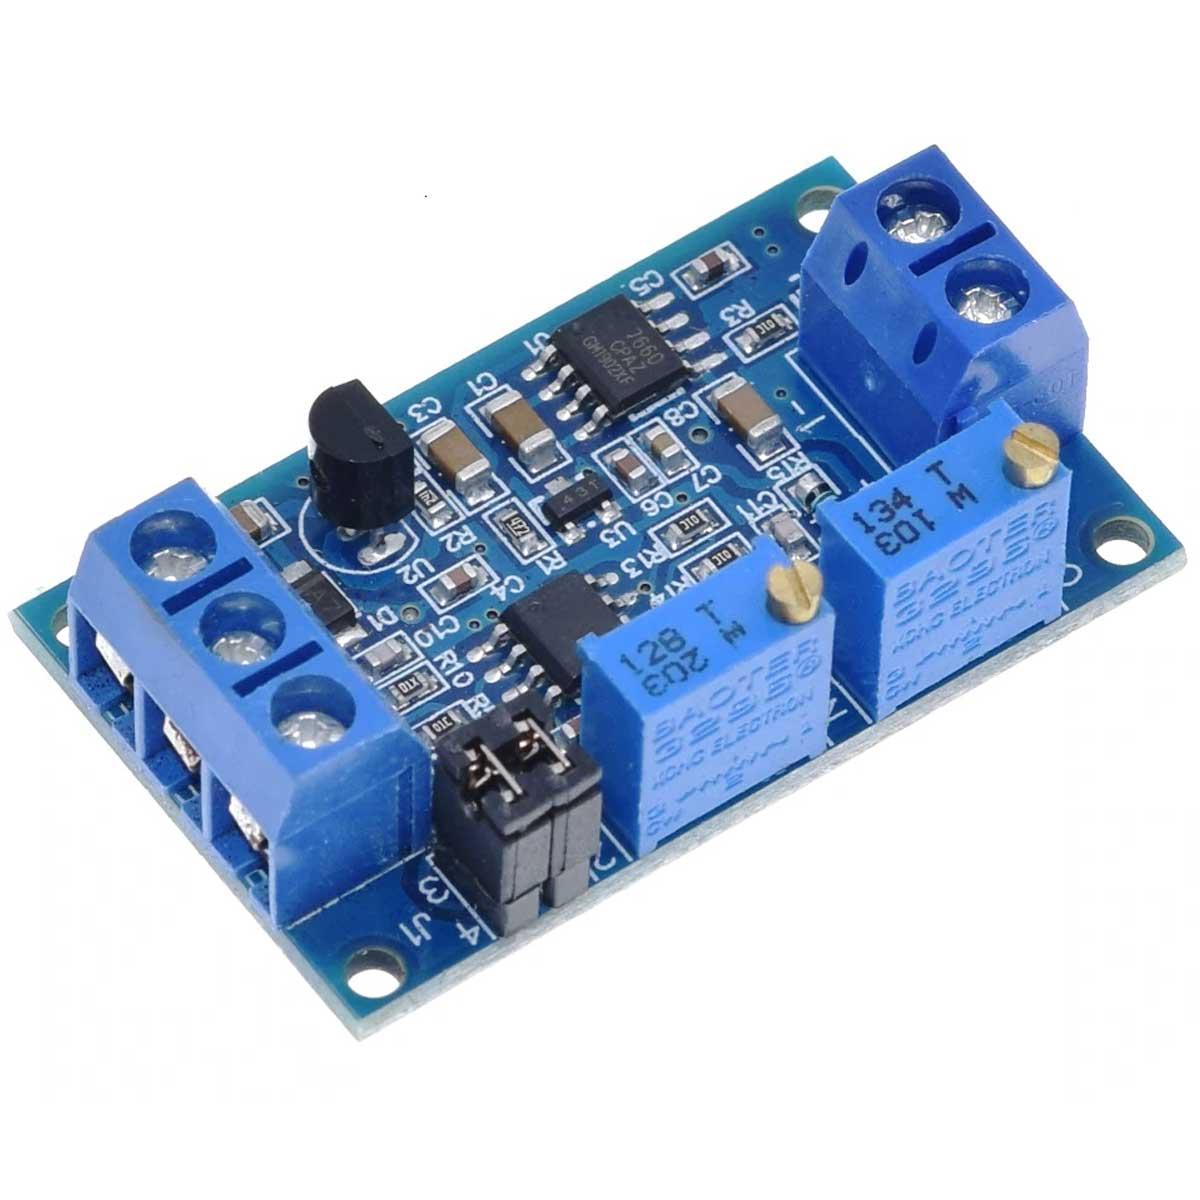 Módulo Conversor de Corrente para Tensão 4 a 20mA para 0-3.3V / 5V / 10V